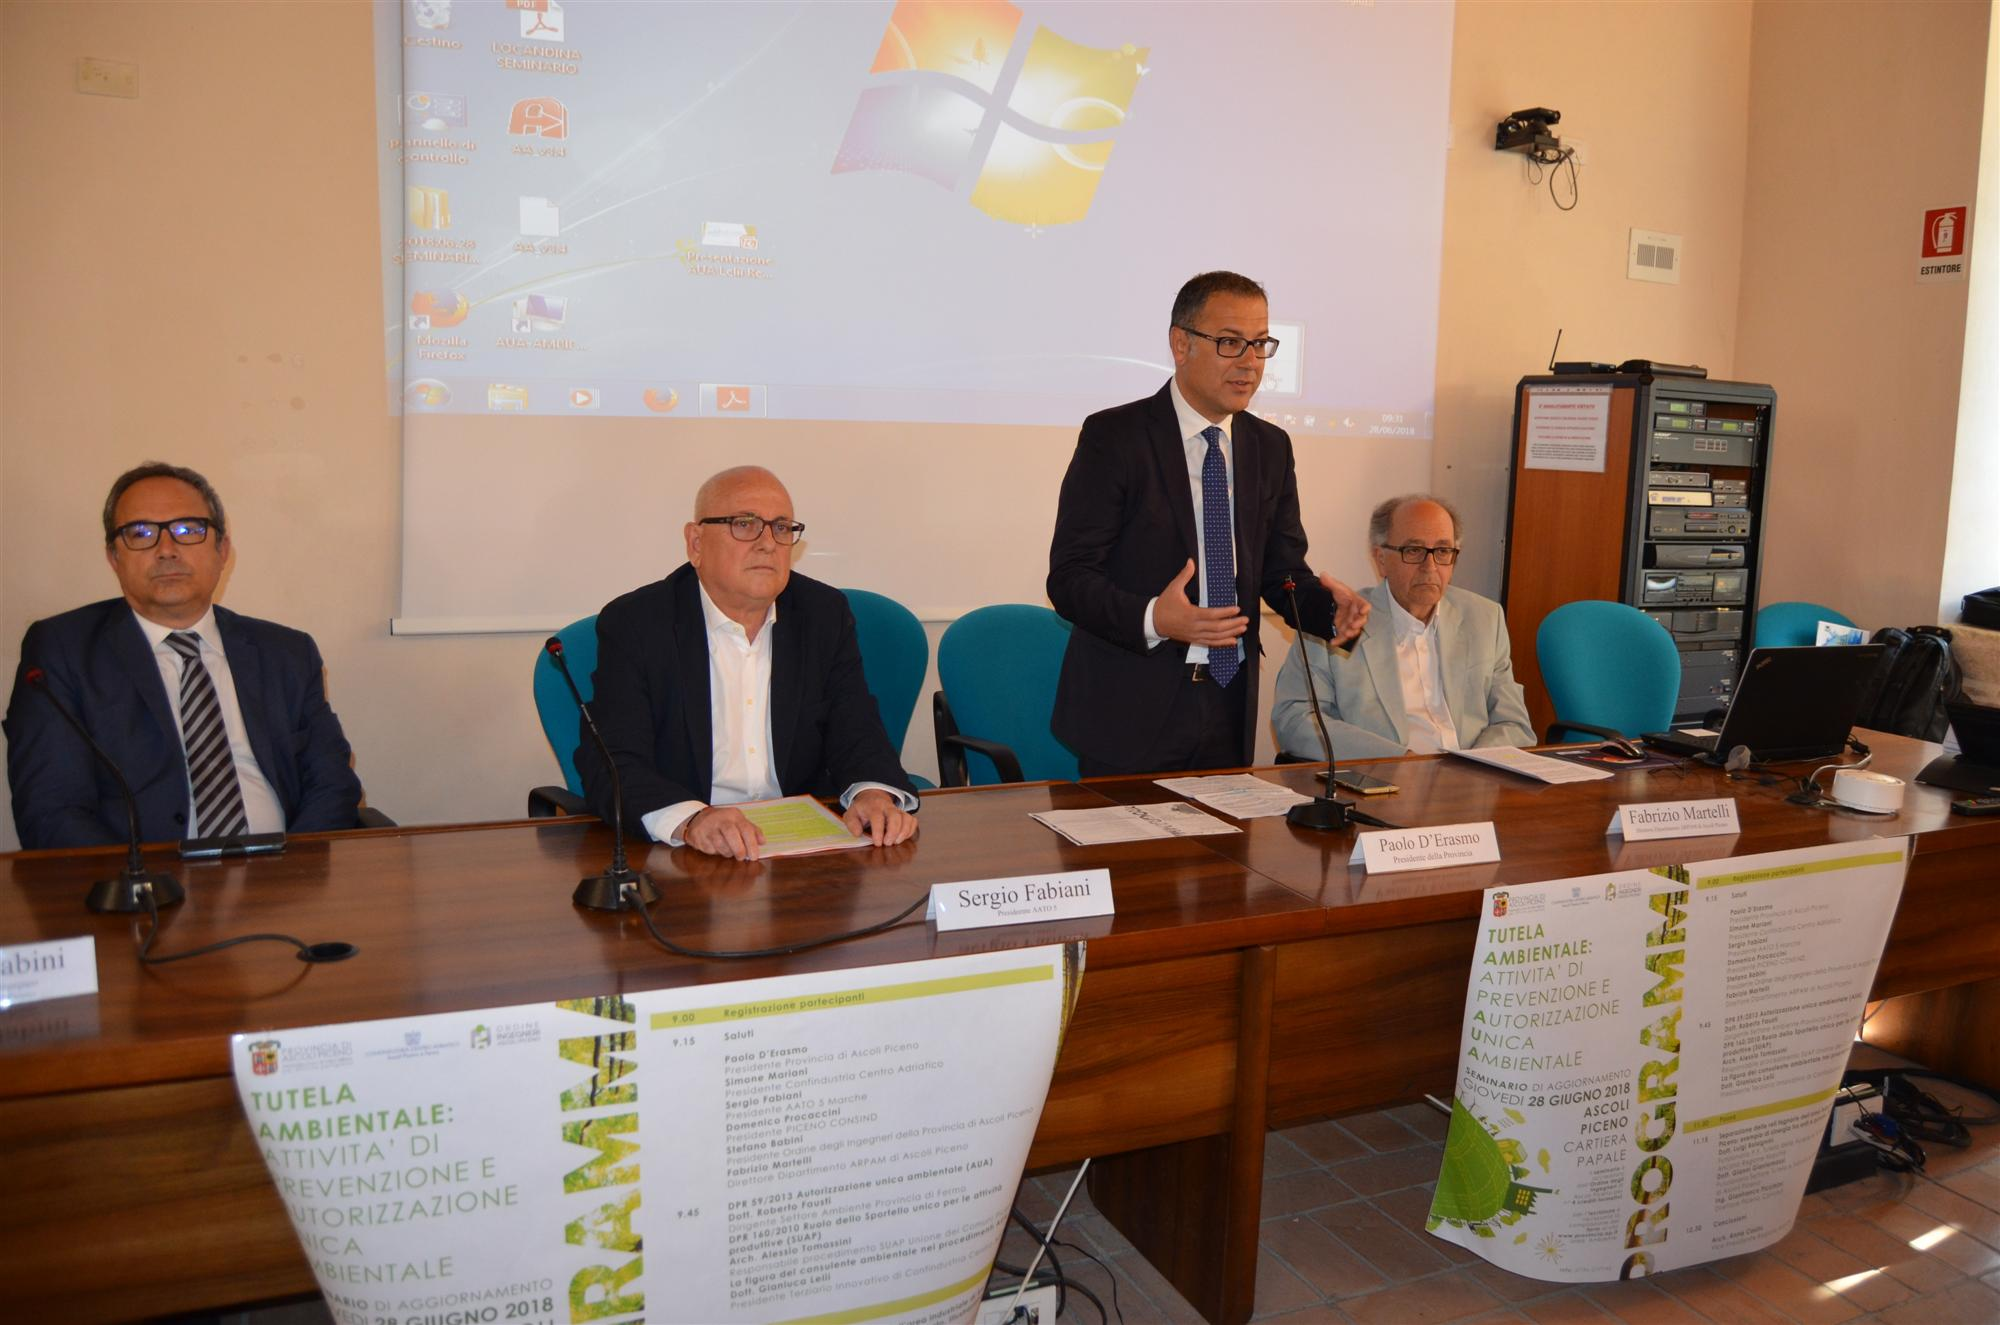 Ascoli Piceno&Provincia. Seminario AUA: uniti per tutelare e migliorare l'ambiente/FOTO